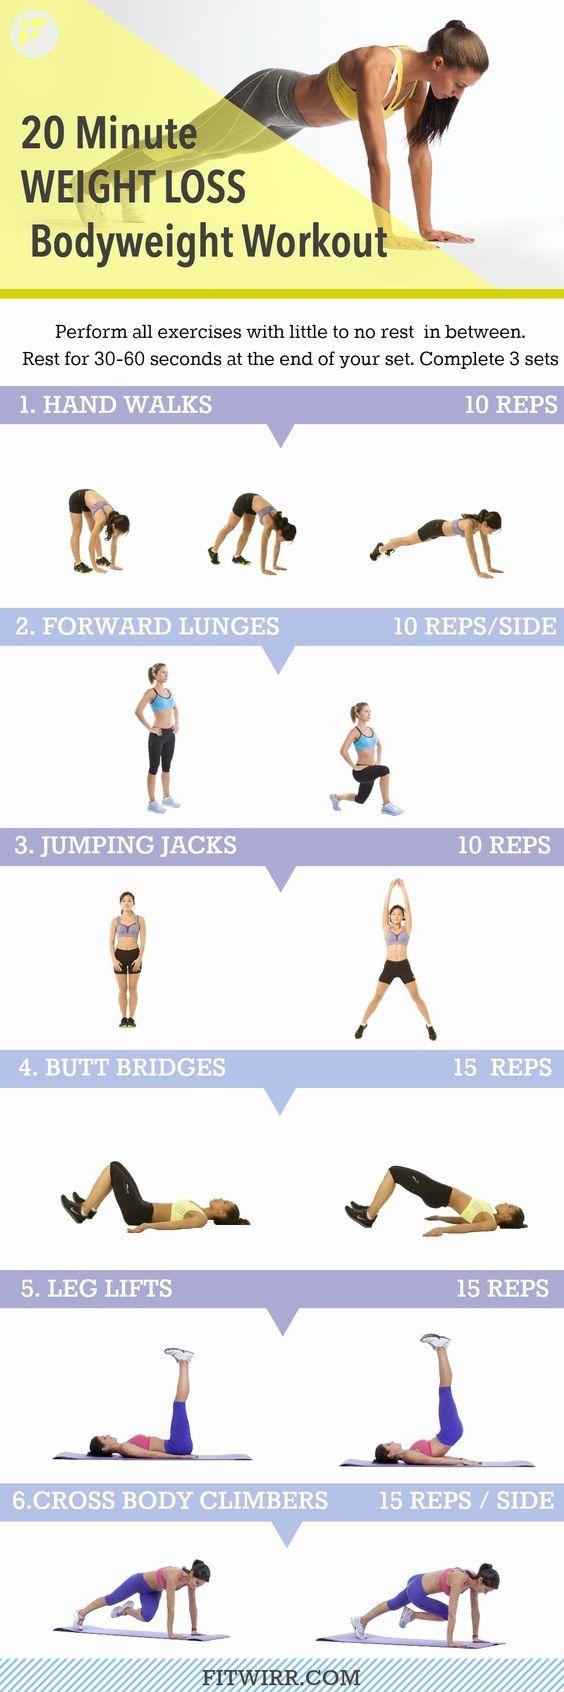 Weightloss Bodyweight Workout